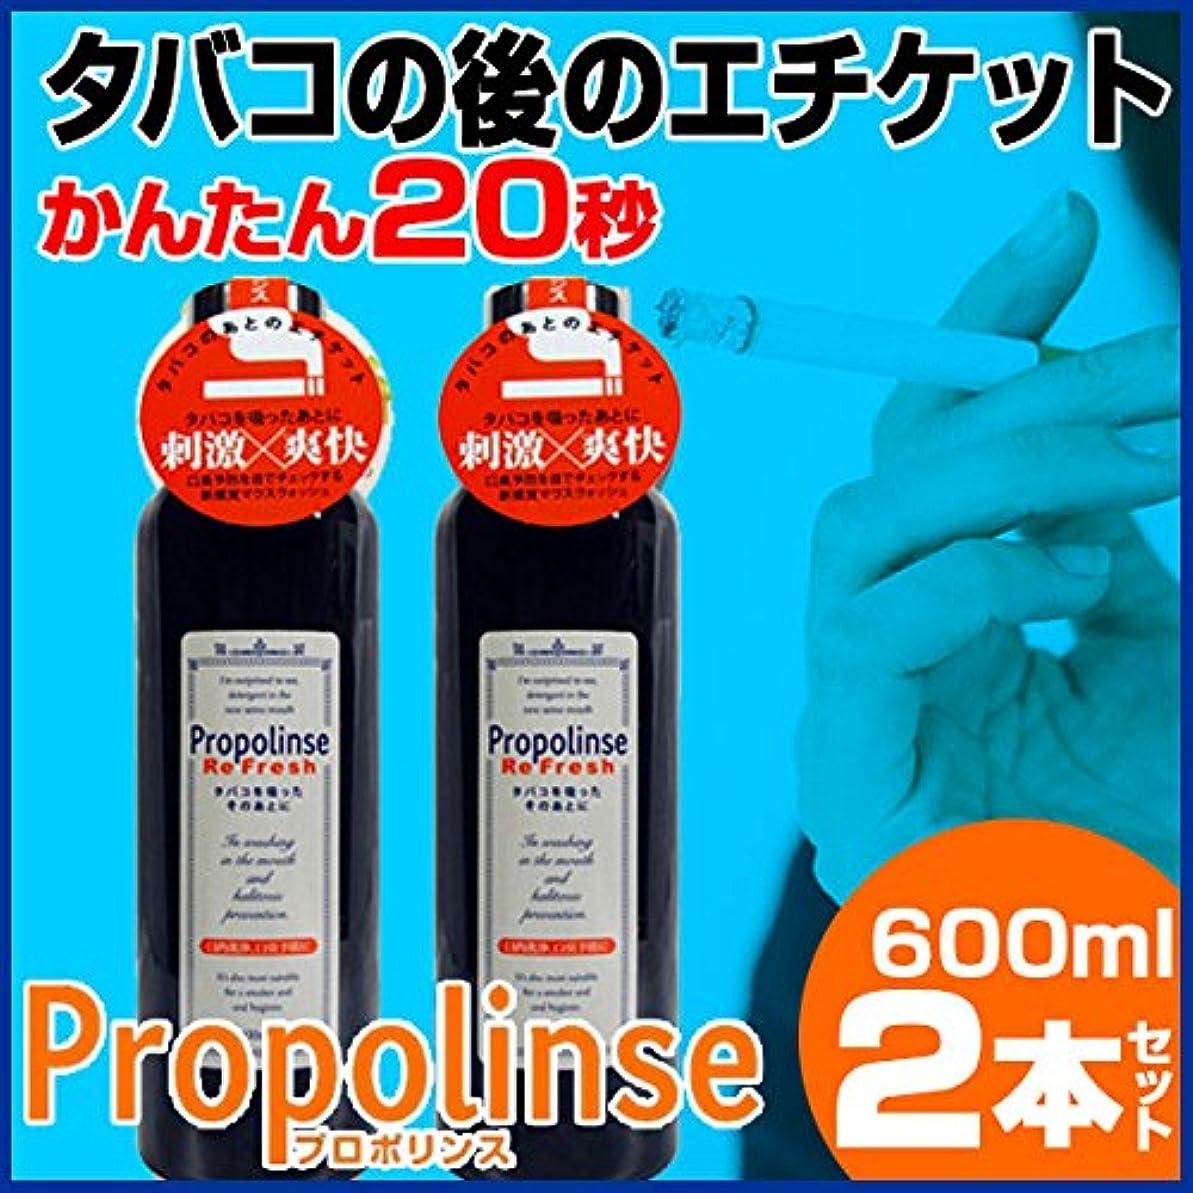 許される朝観客プロポリンス リフレッシュ600ml【まとめ買い2個セット】